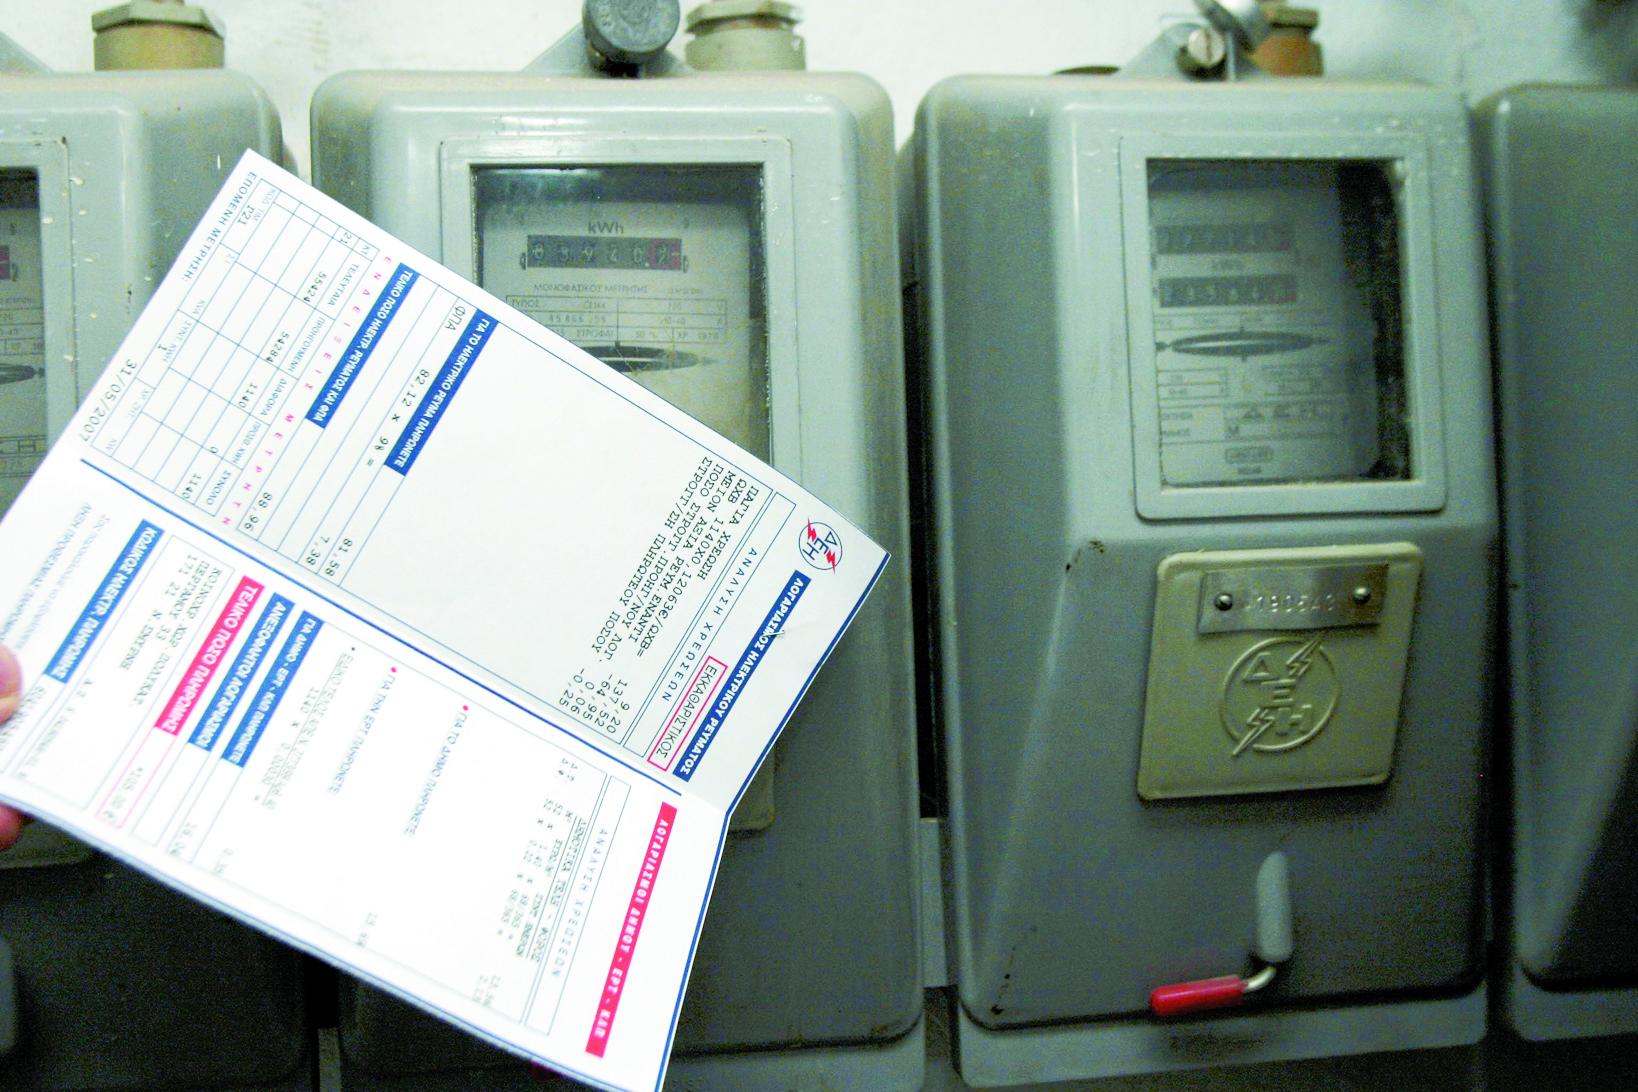 Αρχίζει η εγκατάσταση των έξυπνων μετρητών κατανάλωσης ρεύματος | tovima.gr